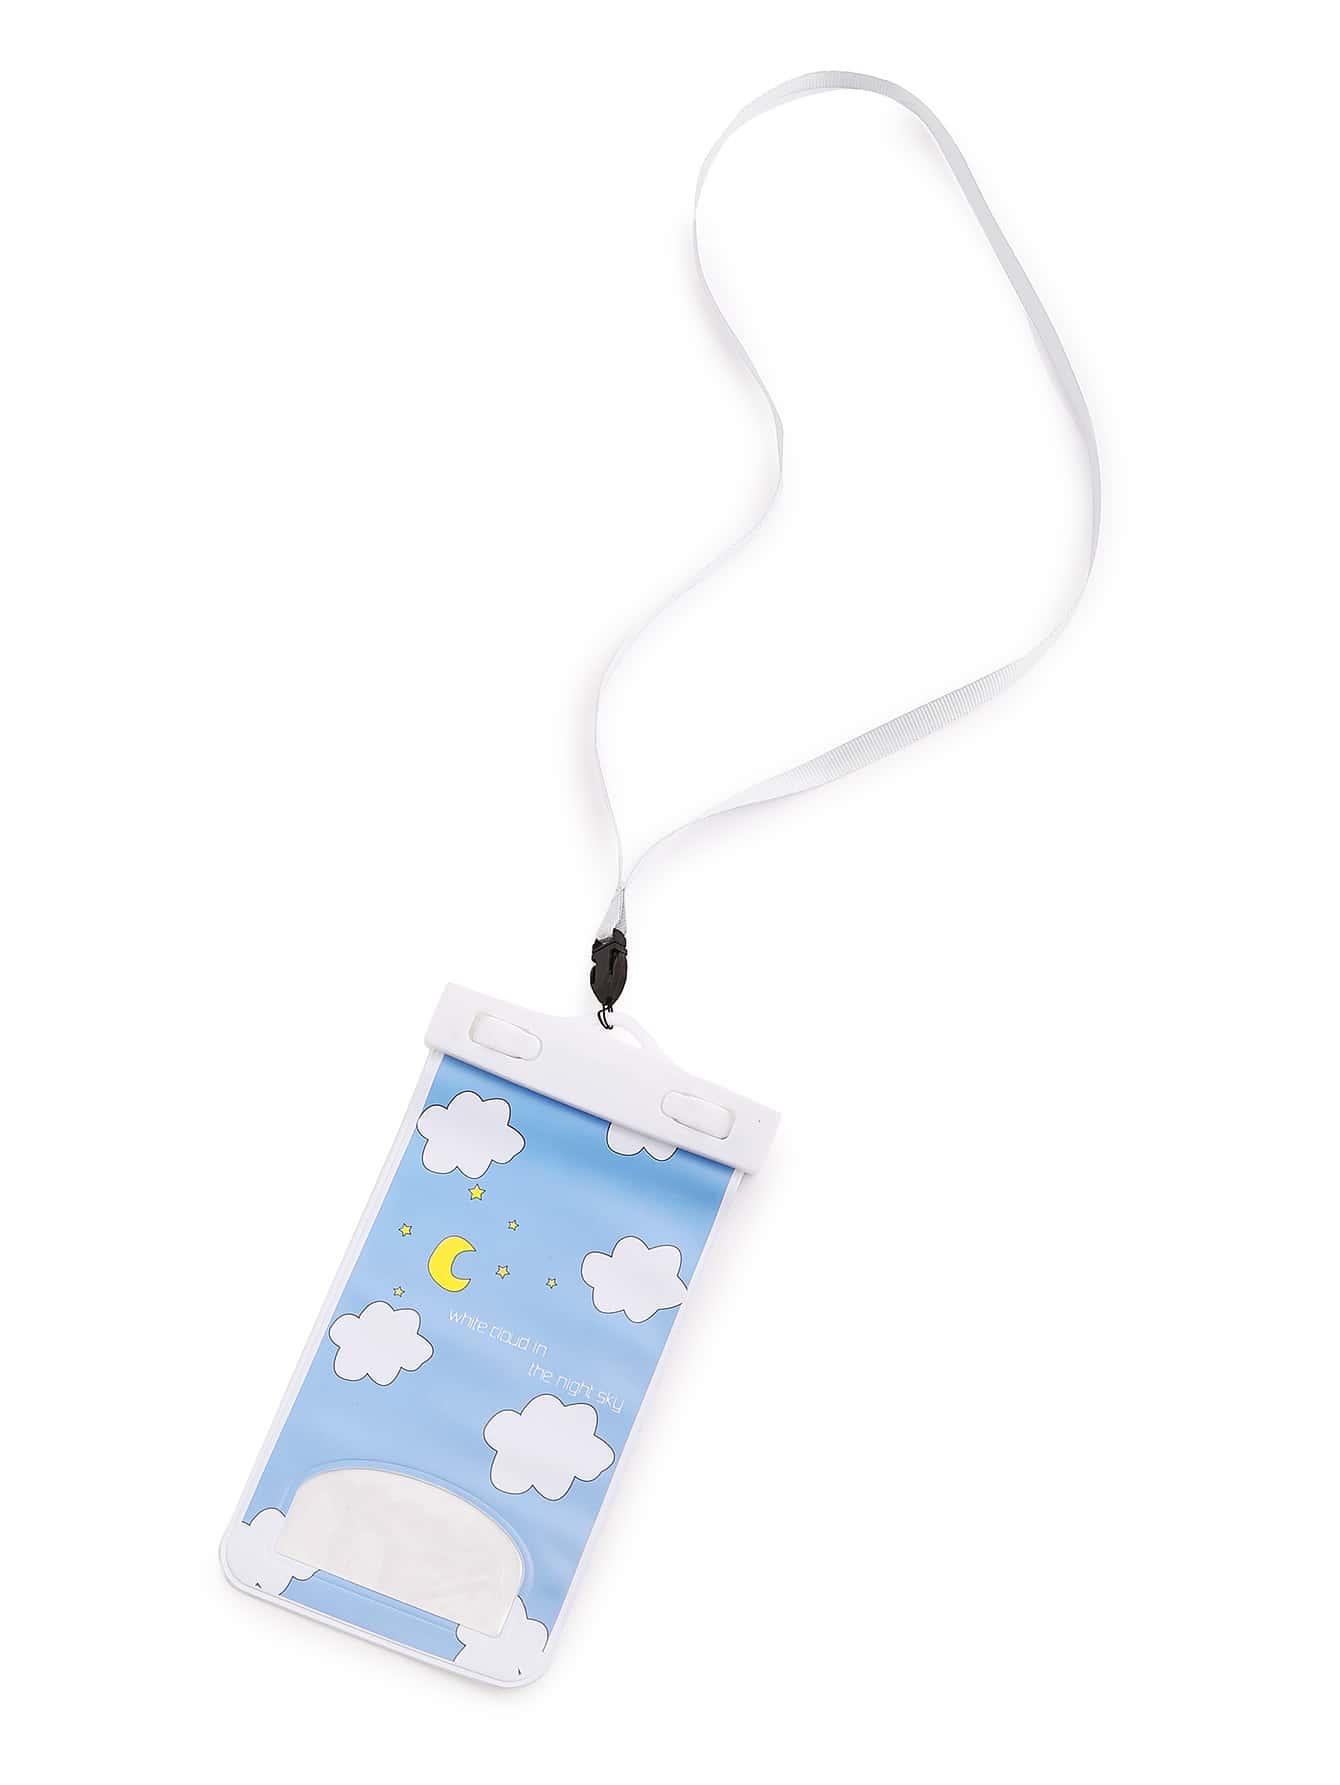 Clouds & Moon Print Waterproof Phone Bag